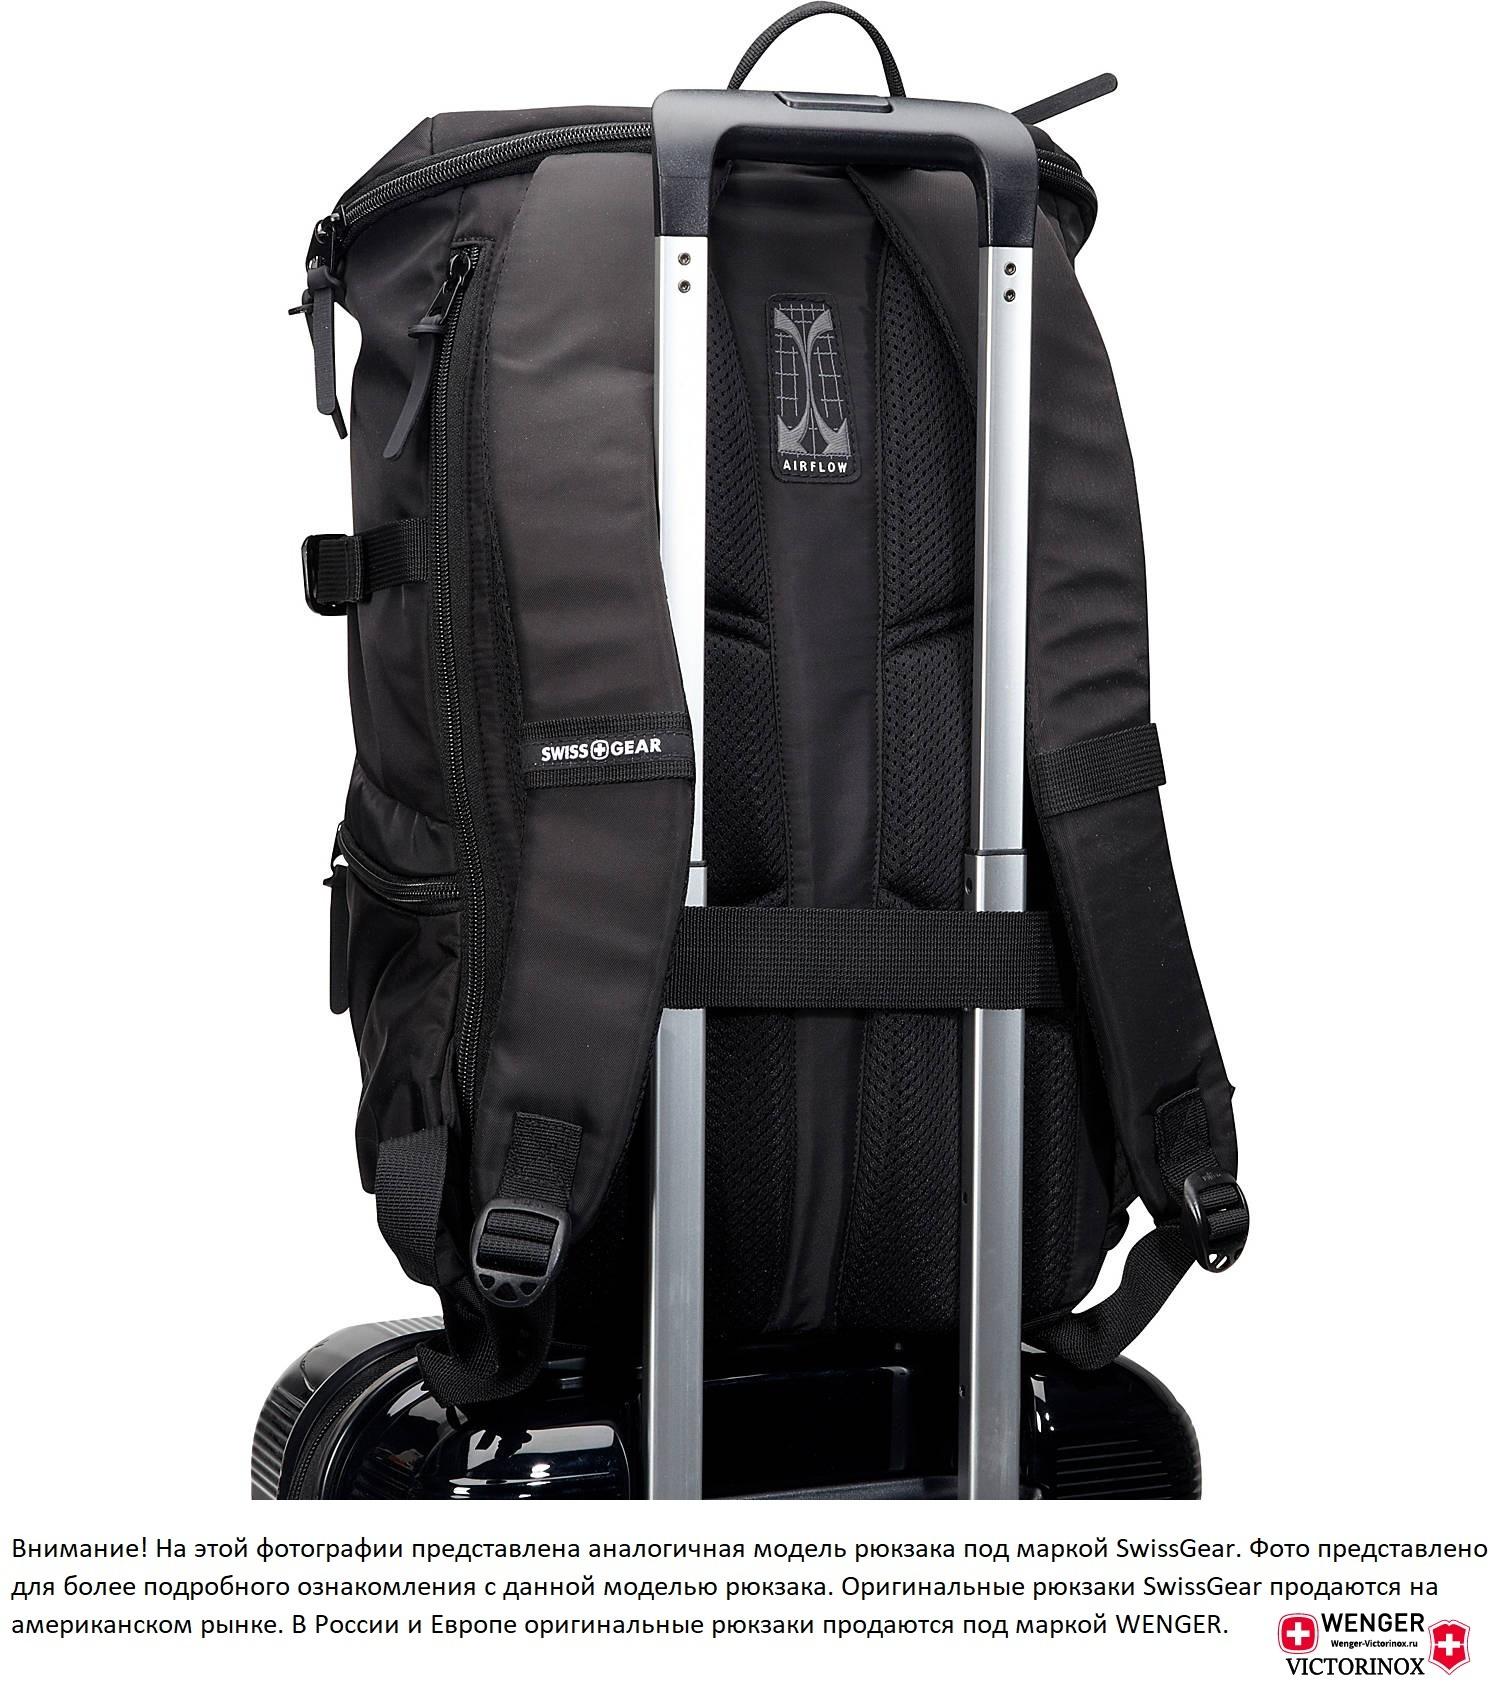 Рюкзак WENGER, цвет серый/чёрный, 20 л., 47х29х15 см., отделение для ноутбука 15